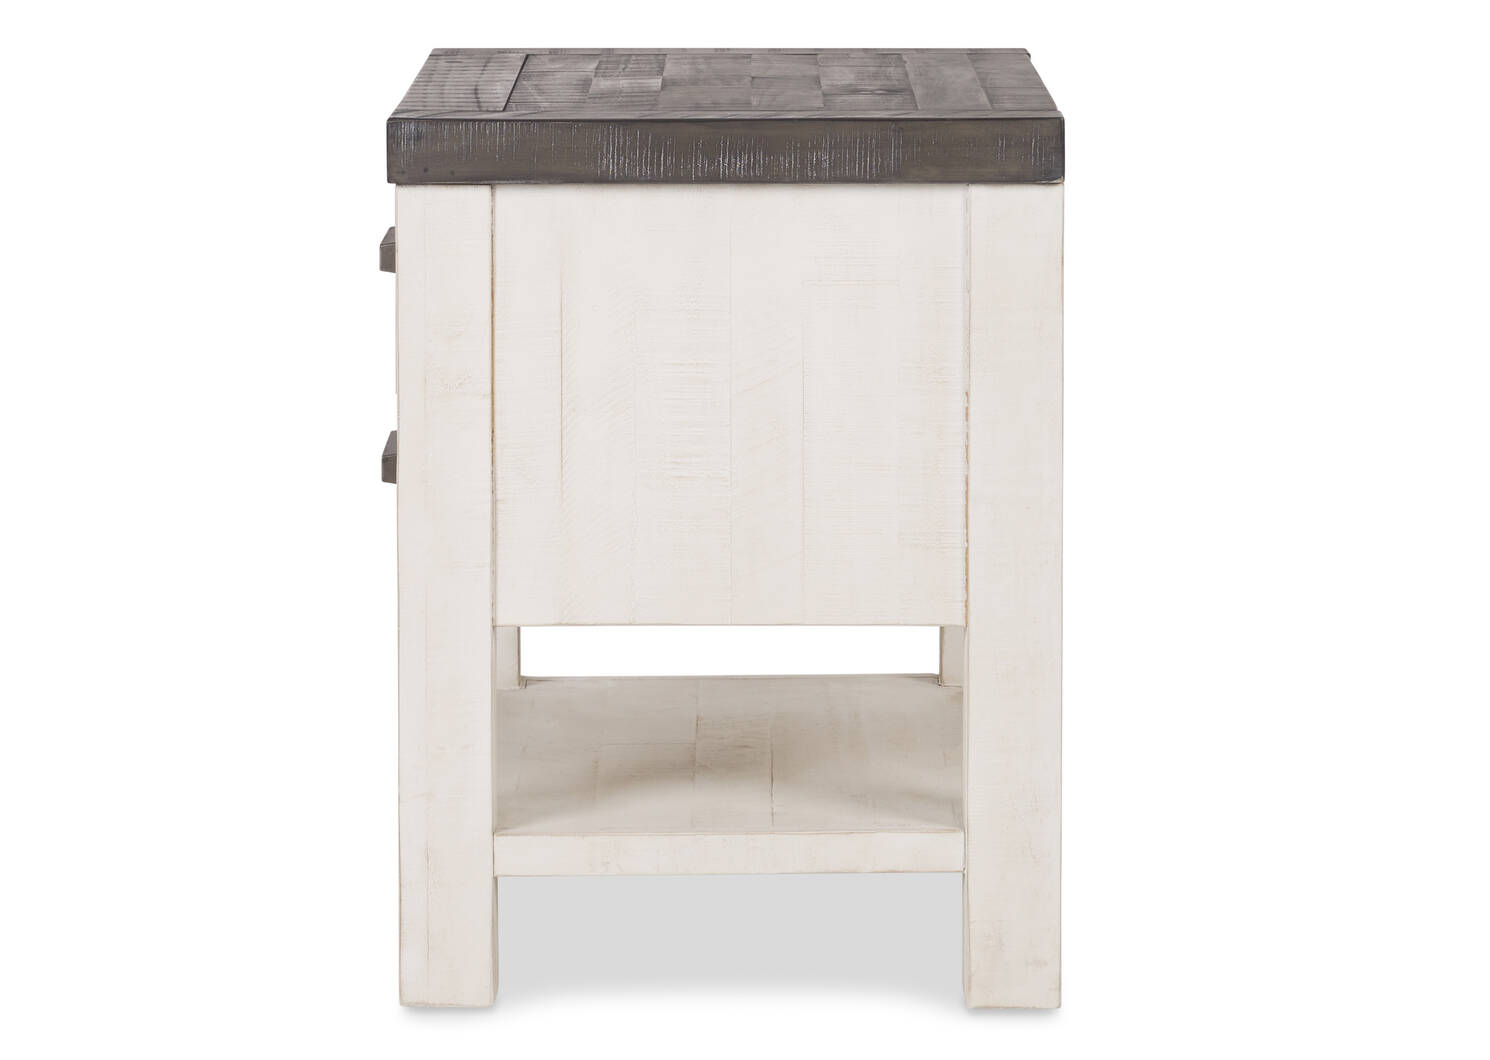 Table de chevet Fairmont -Meyer colombe